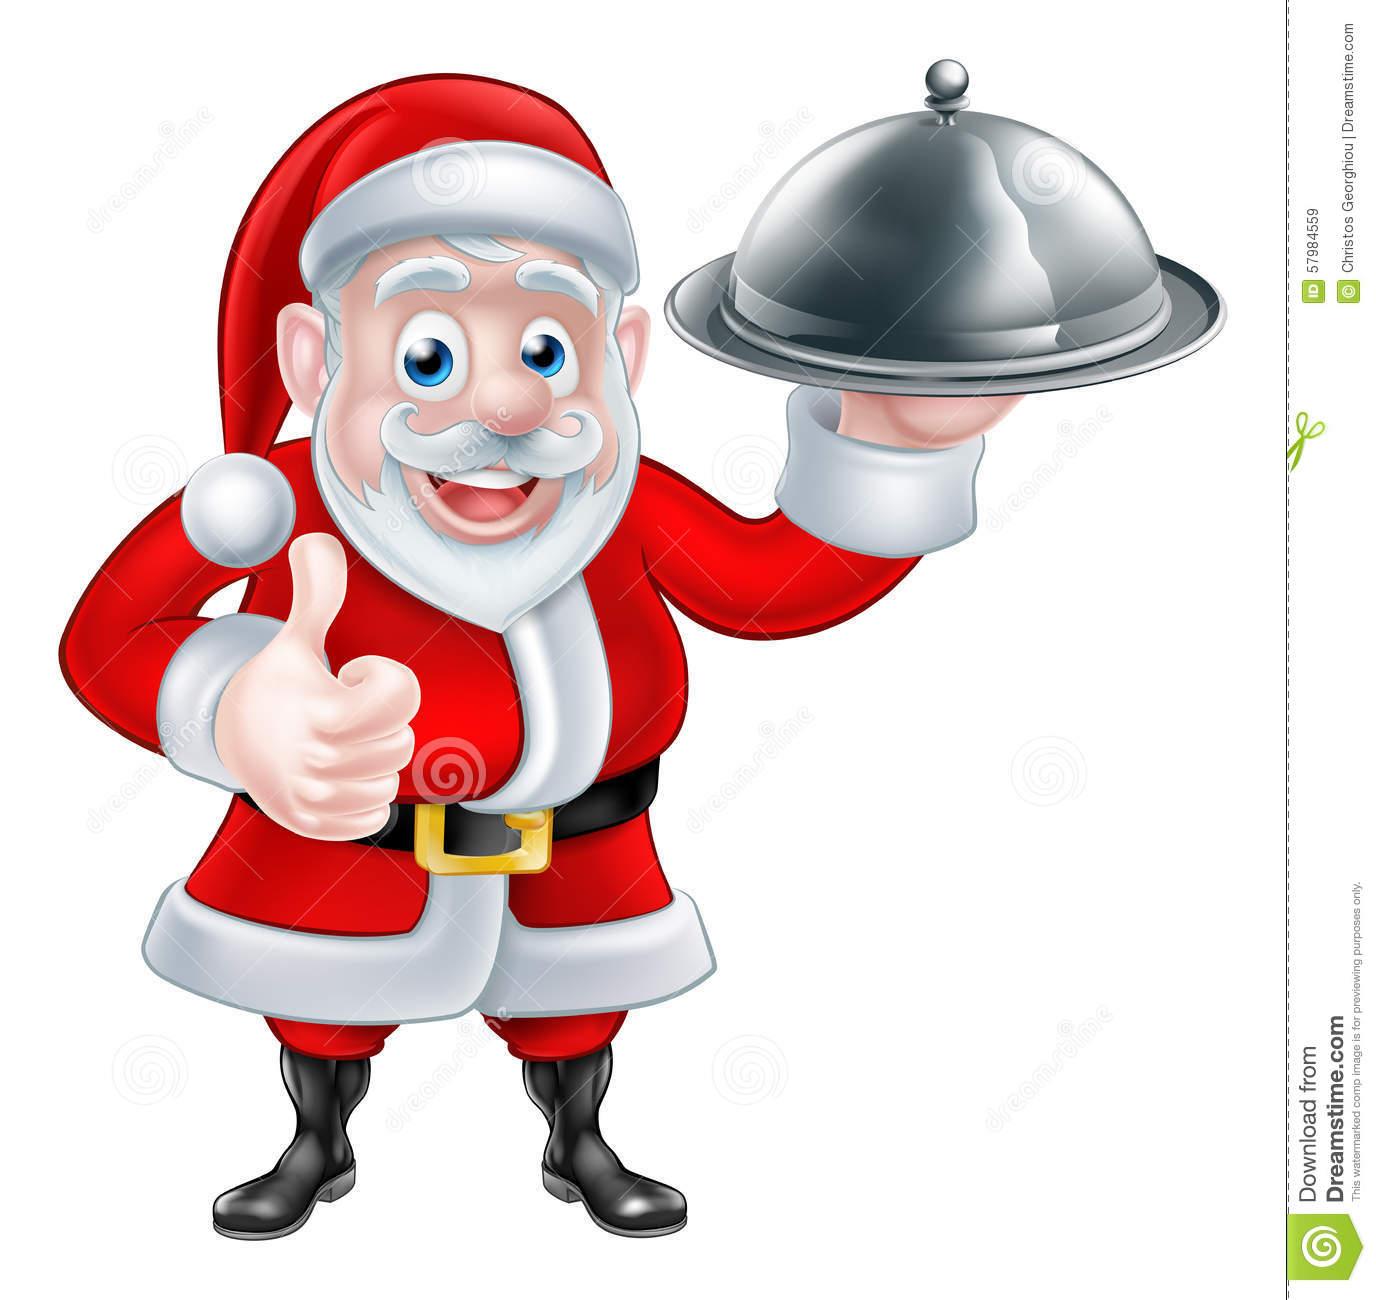 Santa Food Clipart & Free Clip Art Images #23964.